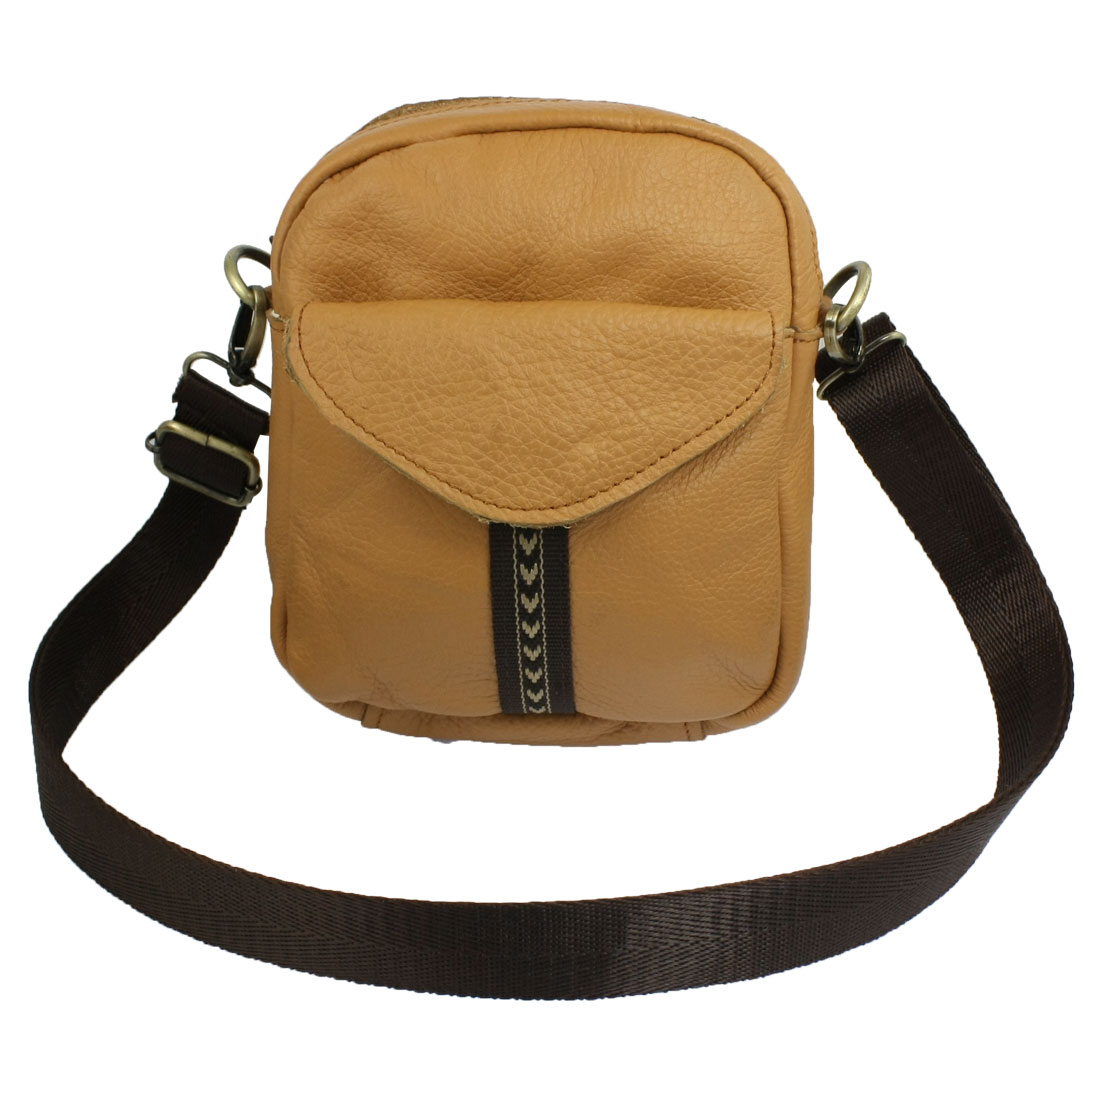 Adjustable Shoulder Strap Brown Faux Leather Zip up Bag for Ladies